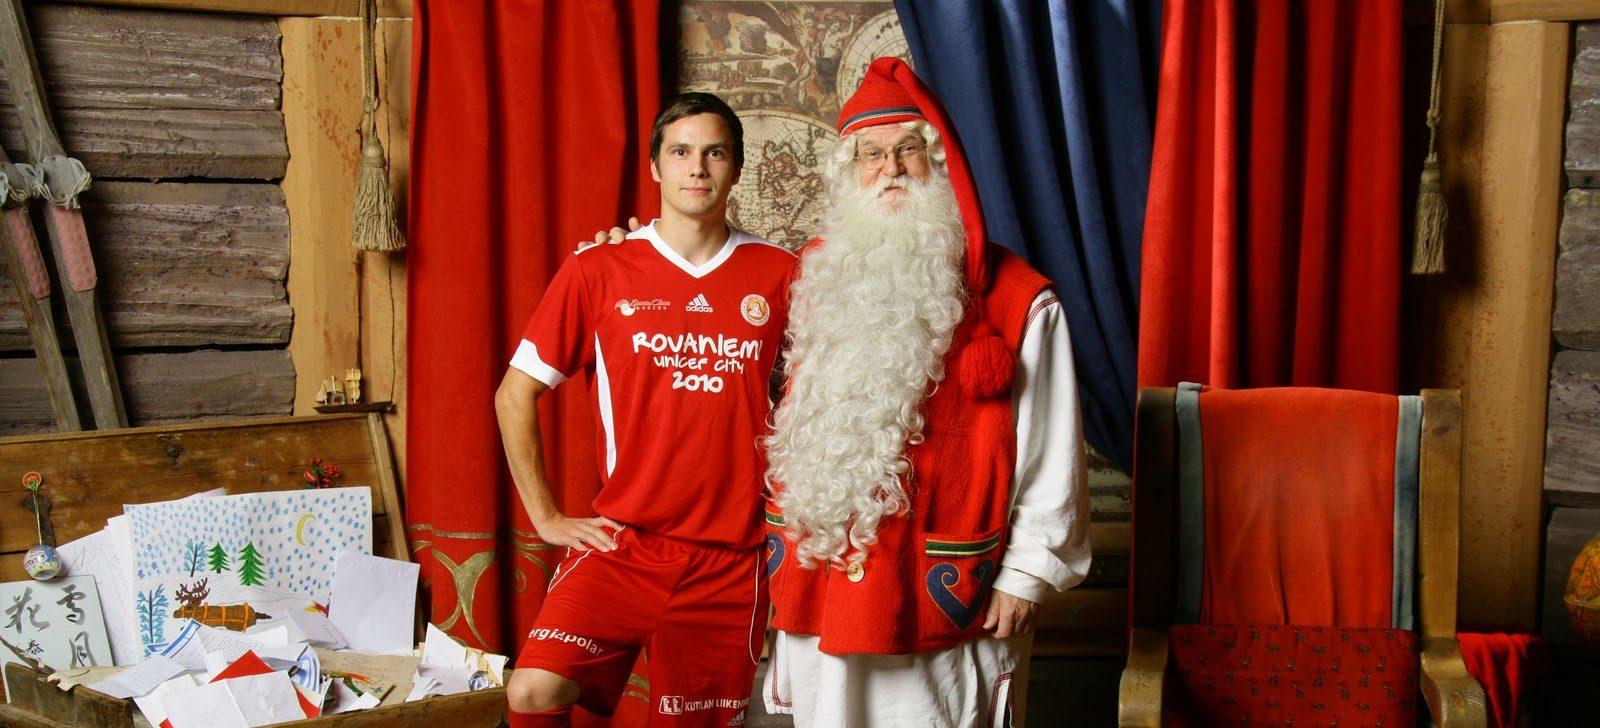 Echipa de fotbal a lui Moș Crăciun! Chinezii au salvat-o de la faliment. Sursă foto: bbc.com